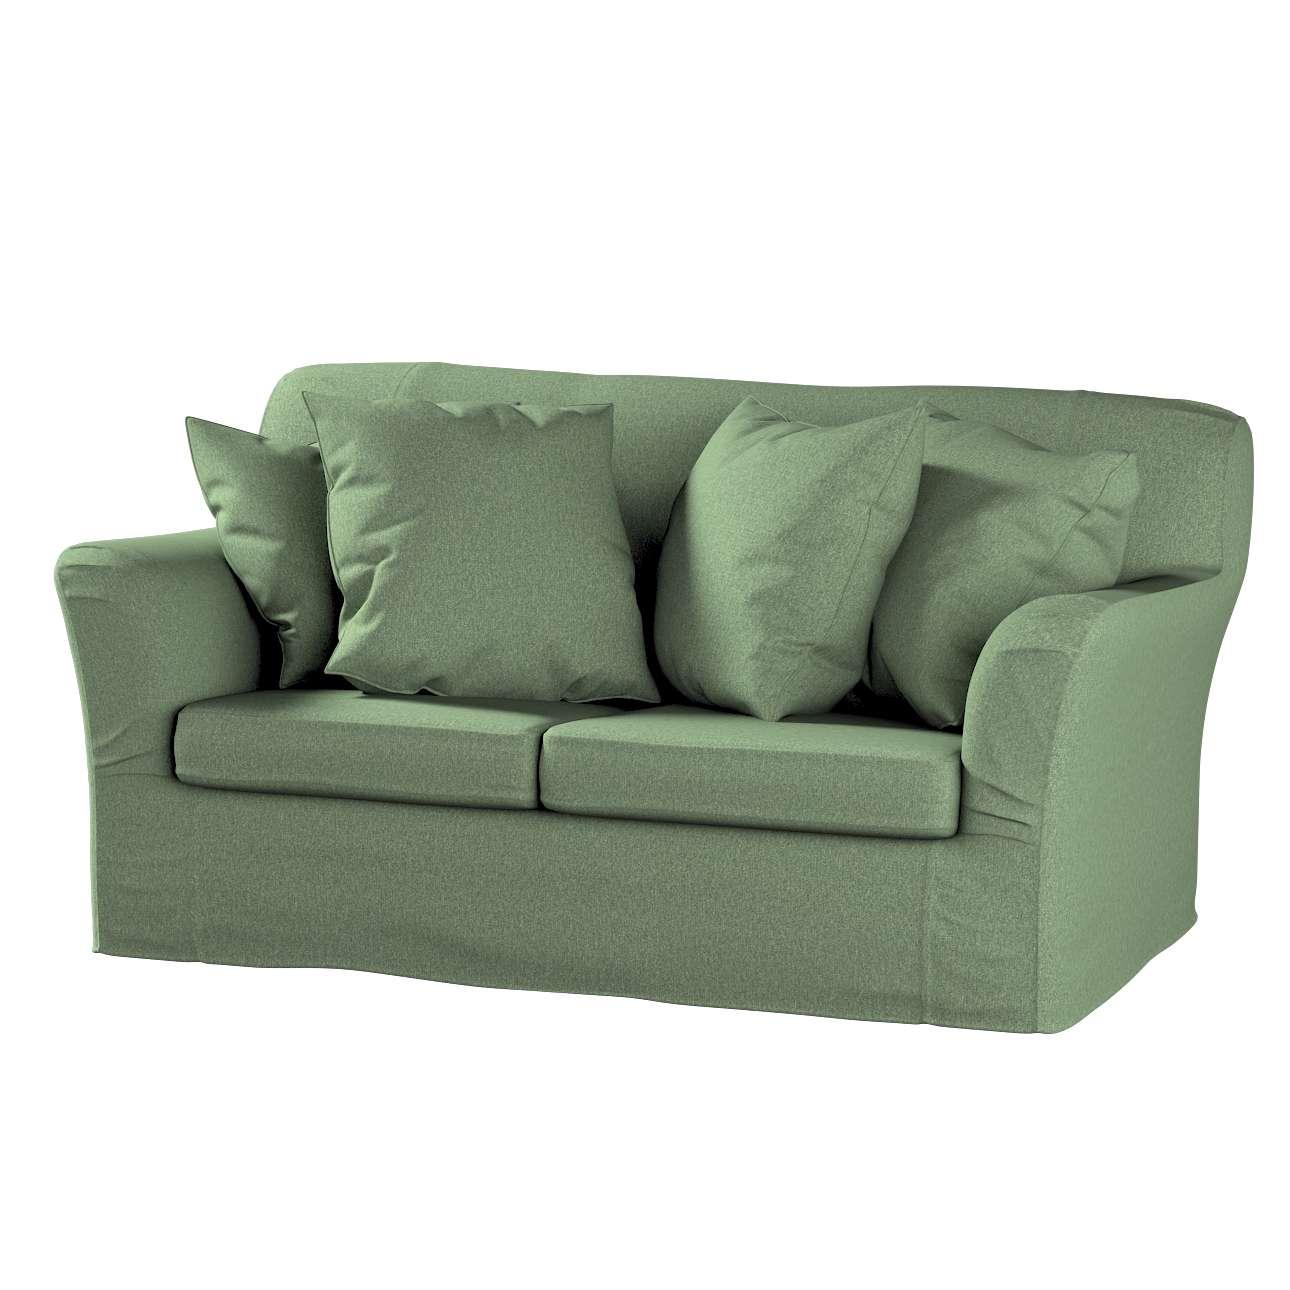 Pokrowiec na sofę Tomelilla 2-osobową nierozkładaną w kolekcji Amsterdam, tkanina: 704-44